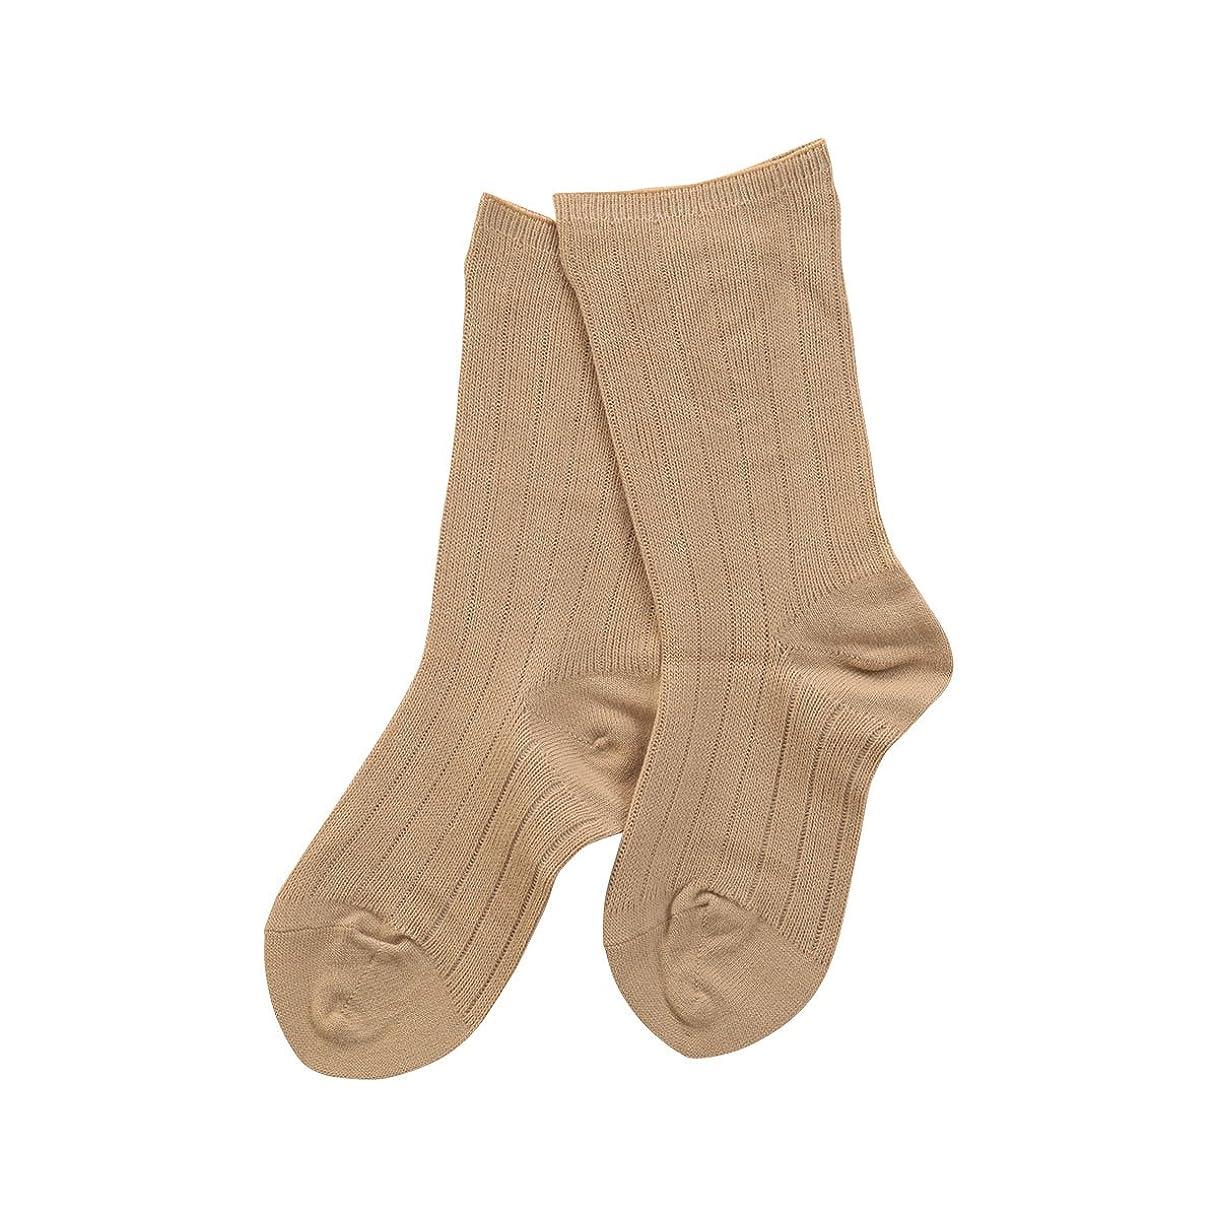 醸造所カウンターパートセンチメートル(コベス) KOBES ゴムなし 毛混 超ゆったり靴下 日本製 婦人靴下